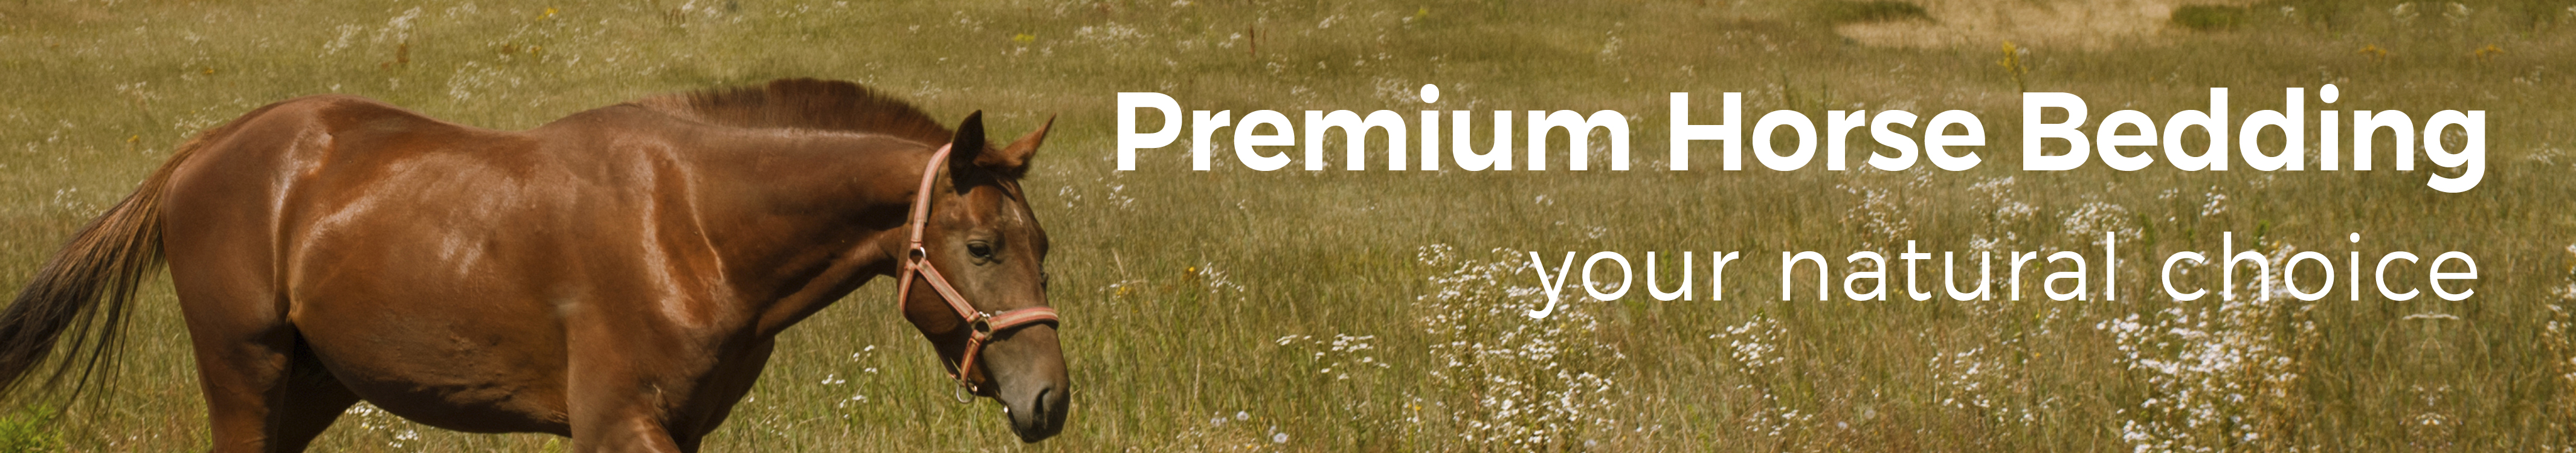 Premium Horse Bedding - LacWood Premium Wood Pellets